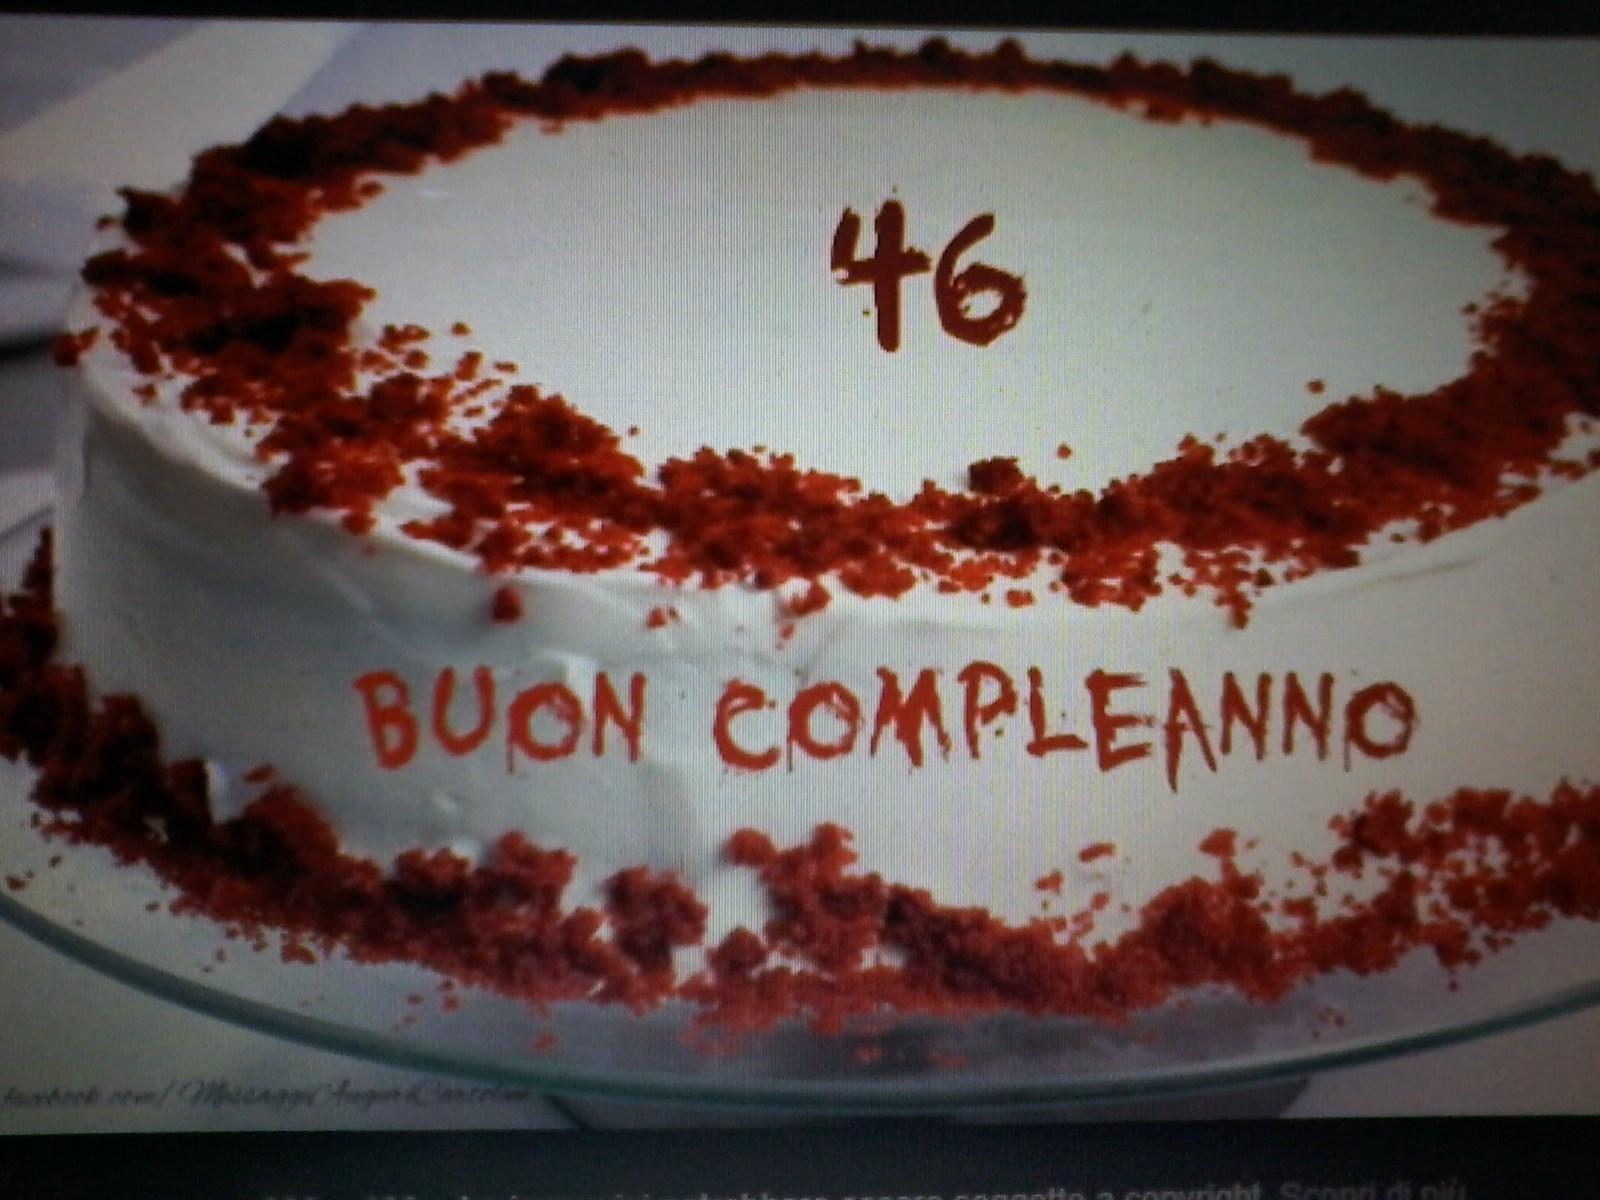 Auguri Buon Compleanno 46 Anni.A U G U R I Buon Compleanno Ste 9810103 Toluna